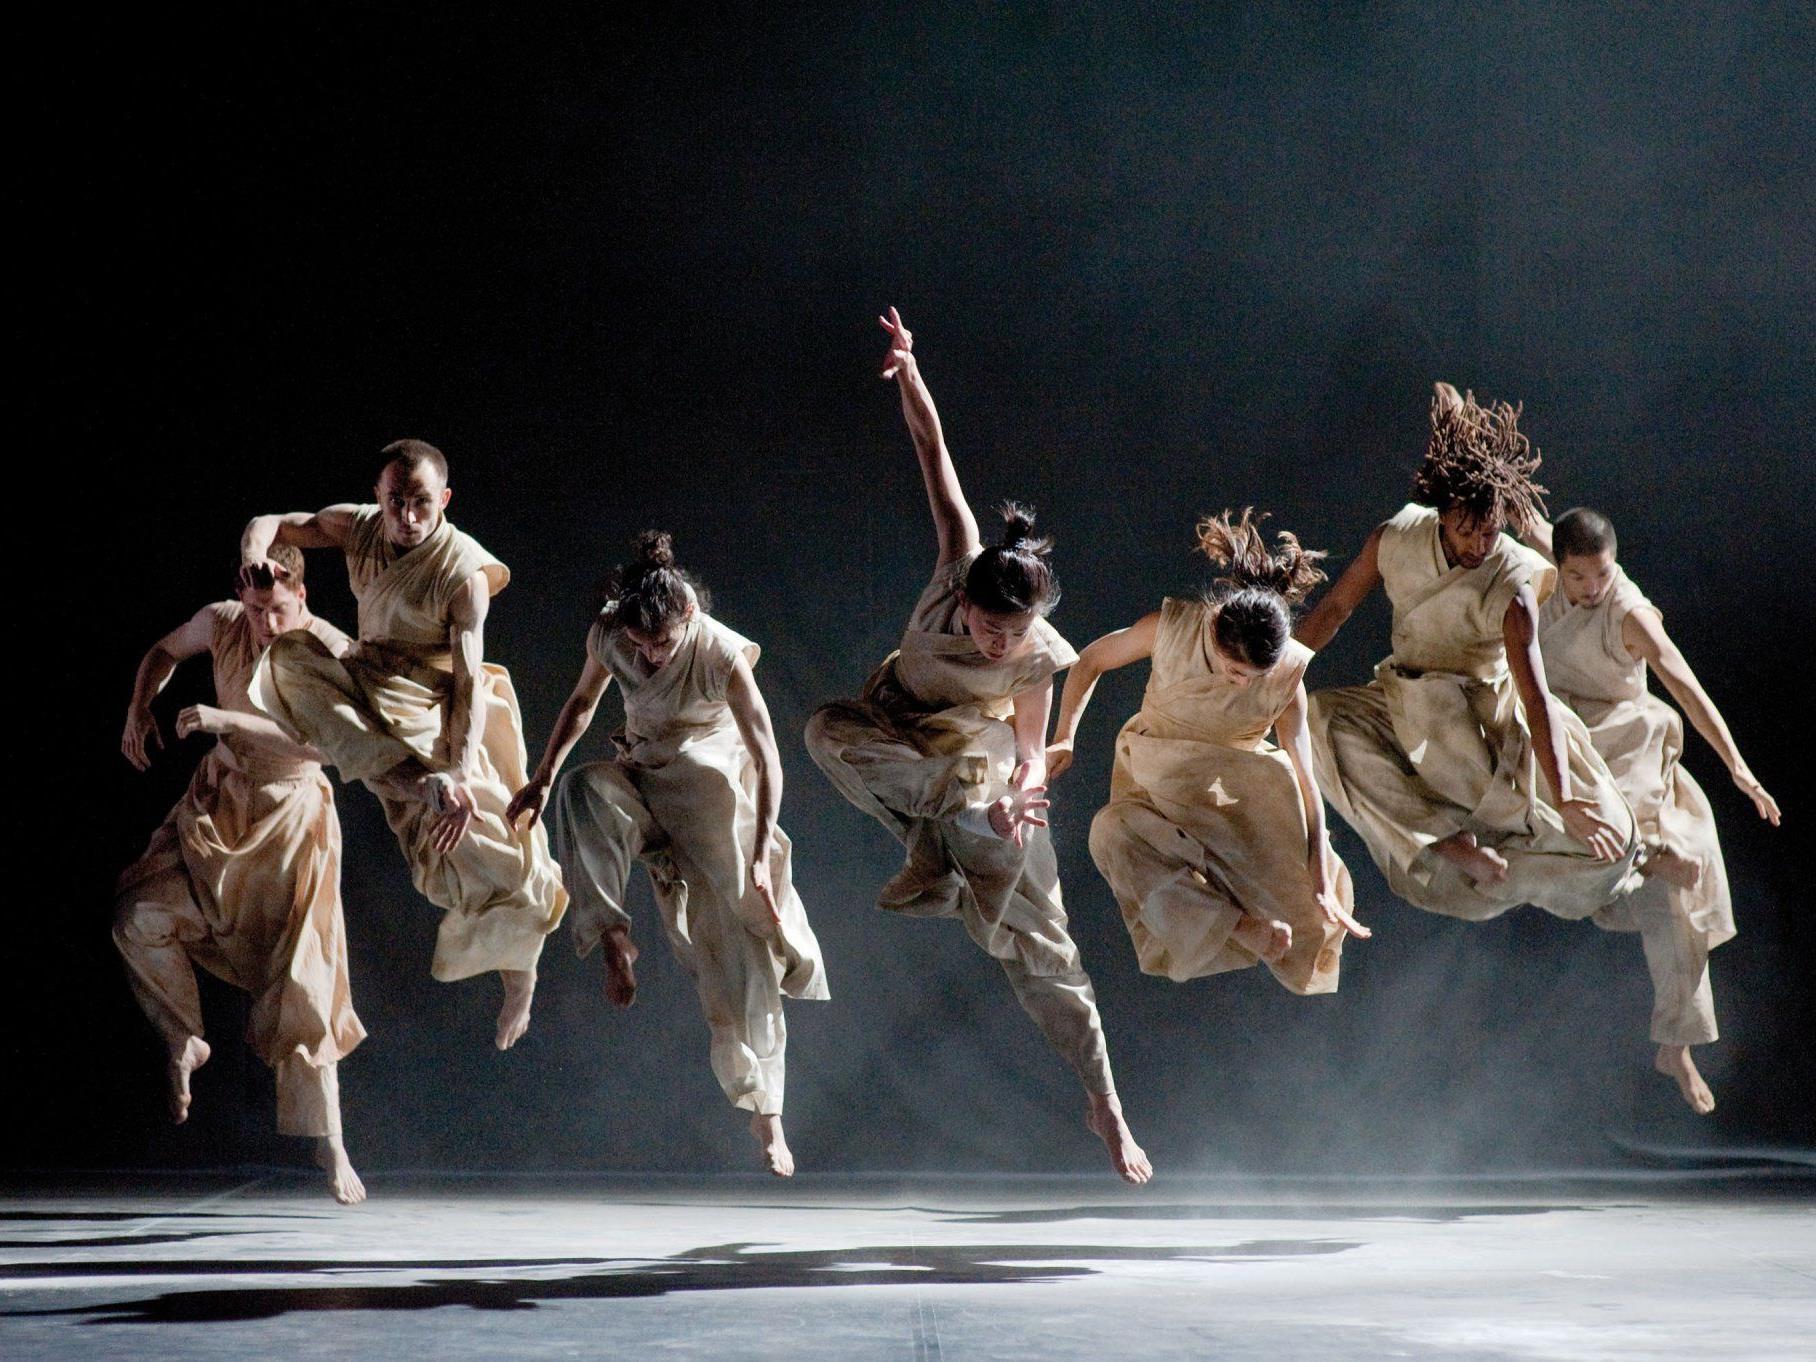 Choreograph Akram Khan beschreibt den Weg zwischen Weltlichem und Spirituellem